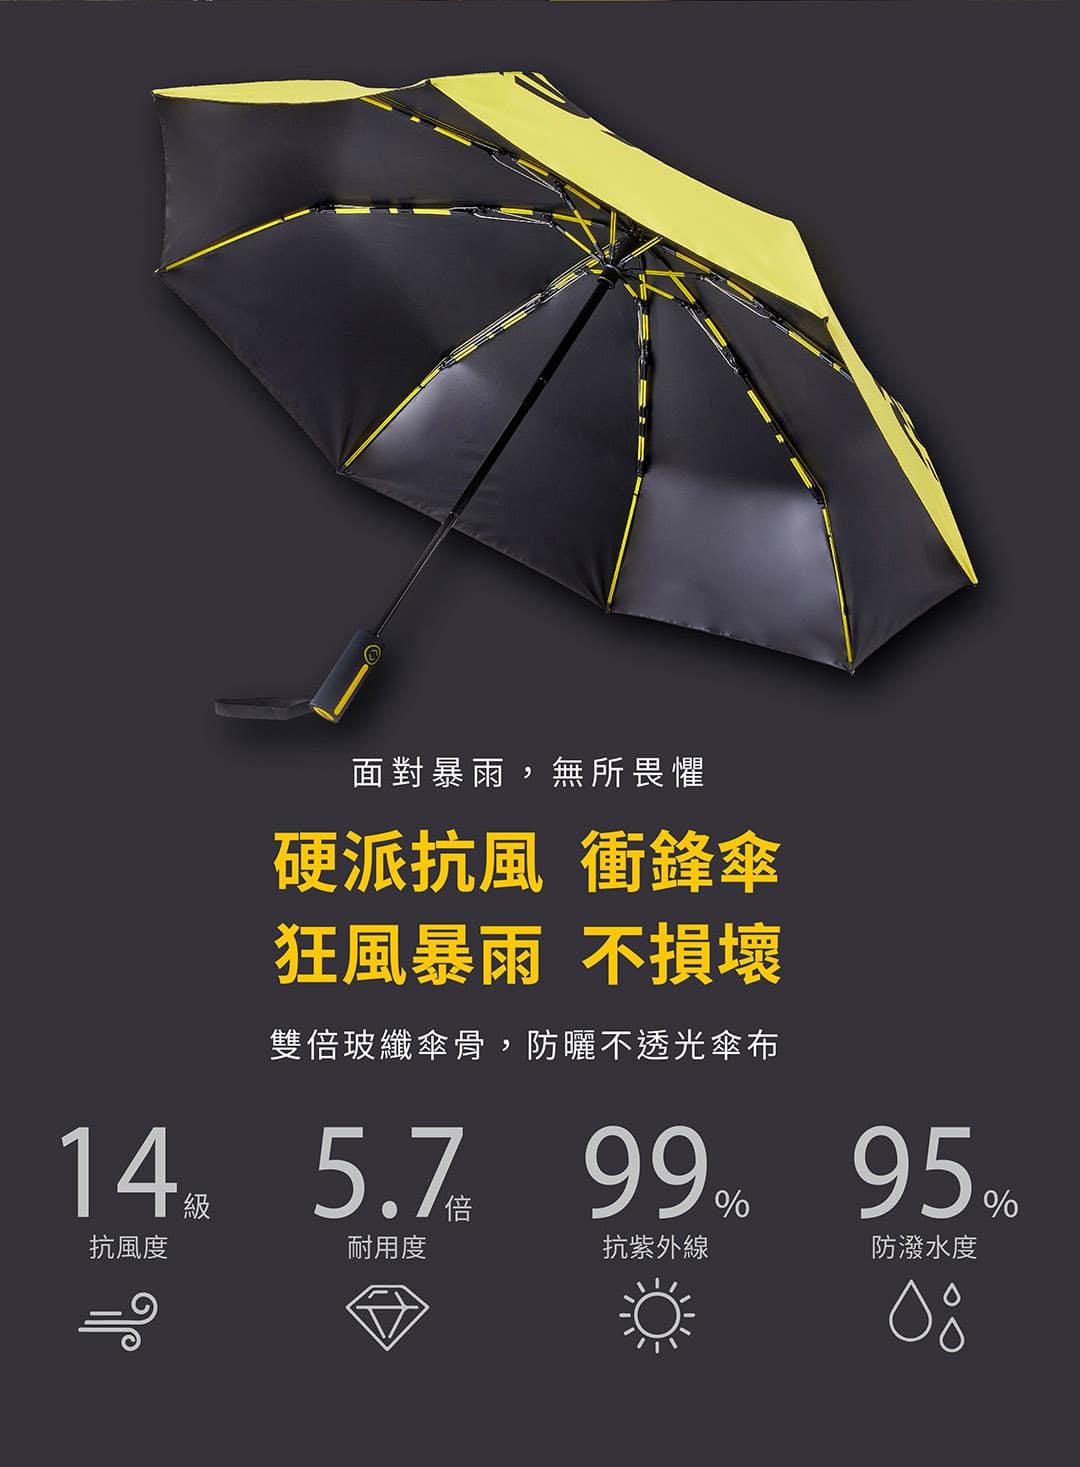 衝鋒傘*雙被傘骨自動開收傘